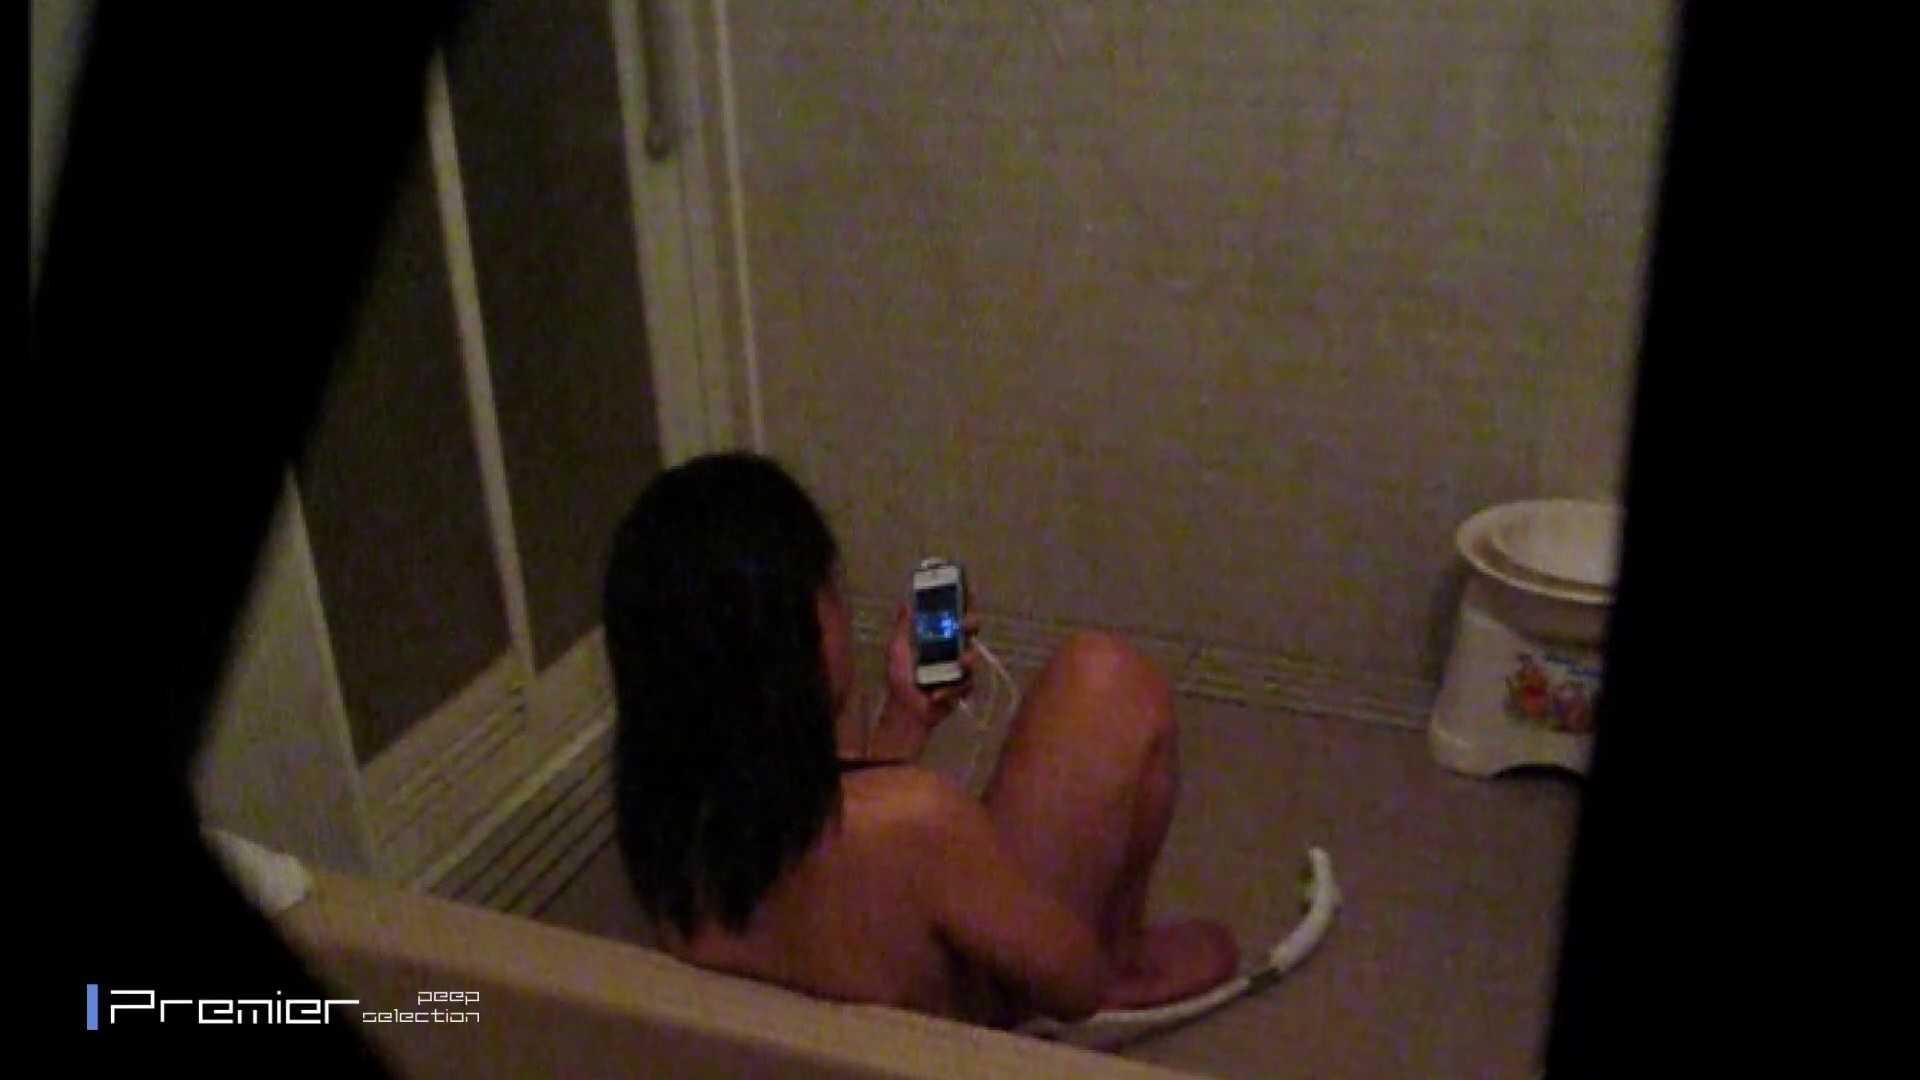 携帯触りなが満子をいじる 乙女の風呂場 Vol.19 乙女だって。。。 スケベ動画紹介 76画像 22